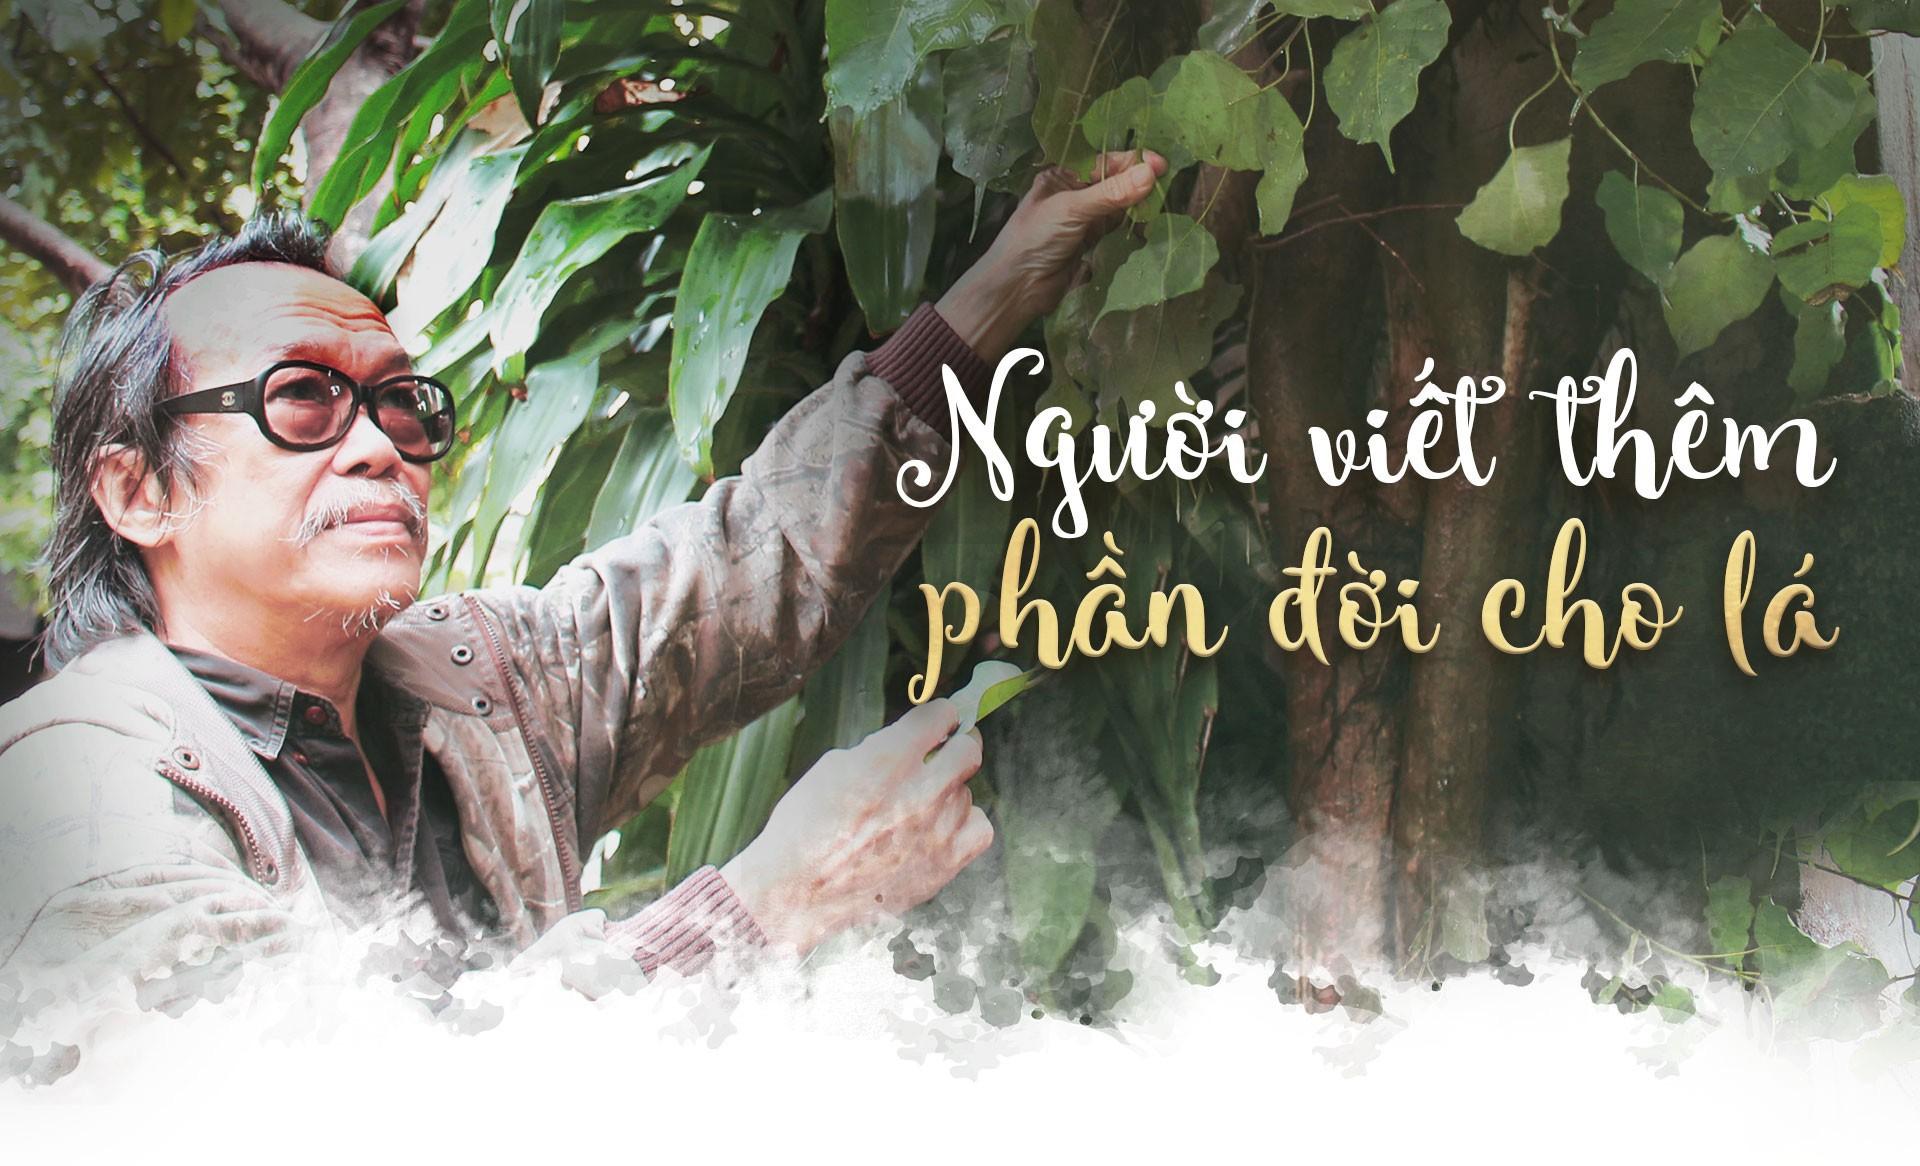 TTO - Không chỉ quen thuộc trong làng văn hóa - văn nghệ Đà Nẵng, nhà thơ, nhạc sĩ, \